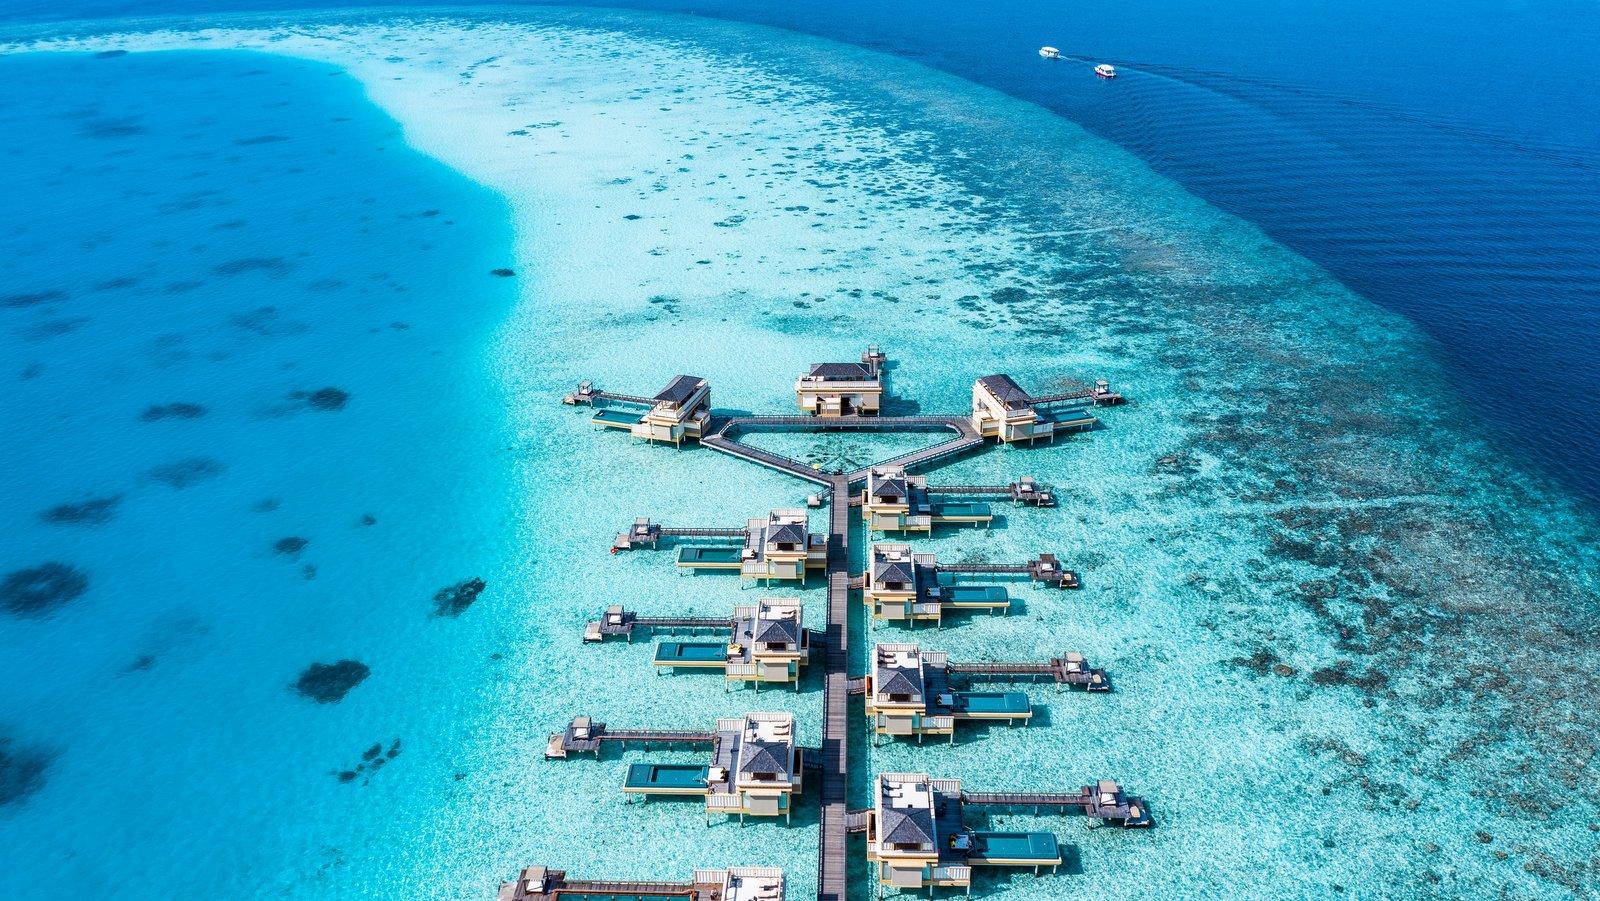 Мальдивы, отель Angsana Velavaru, водные виллы